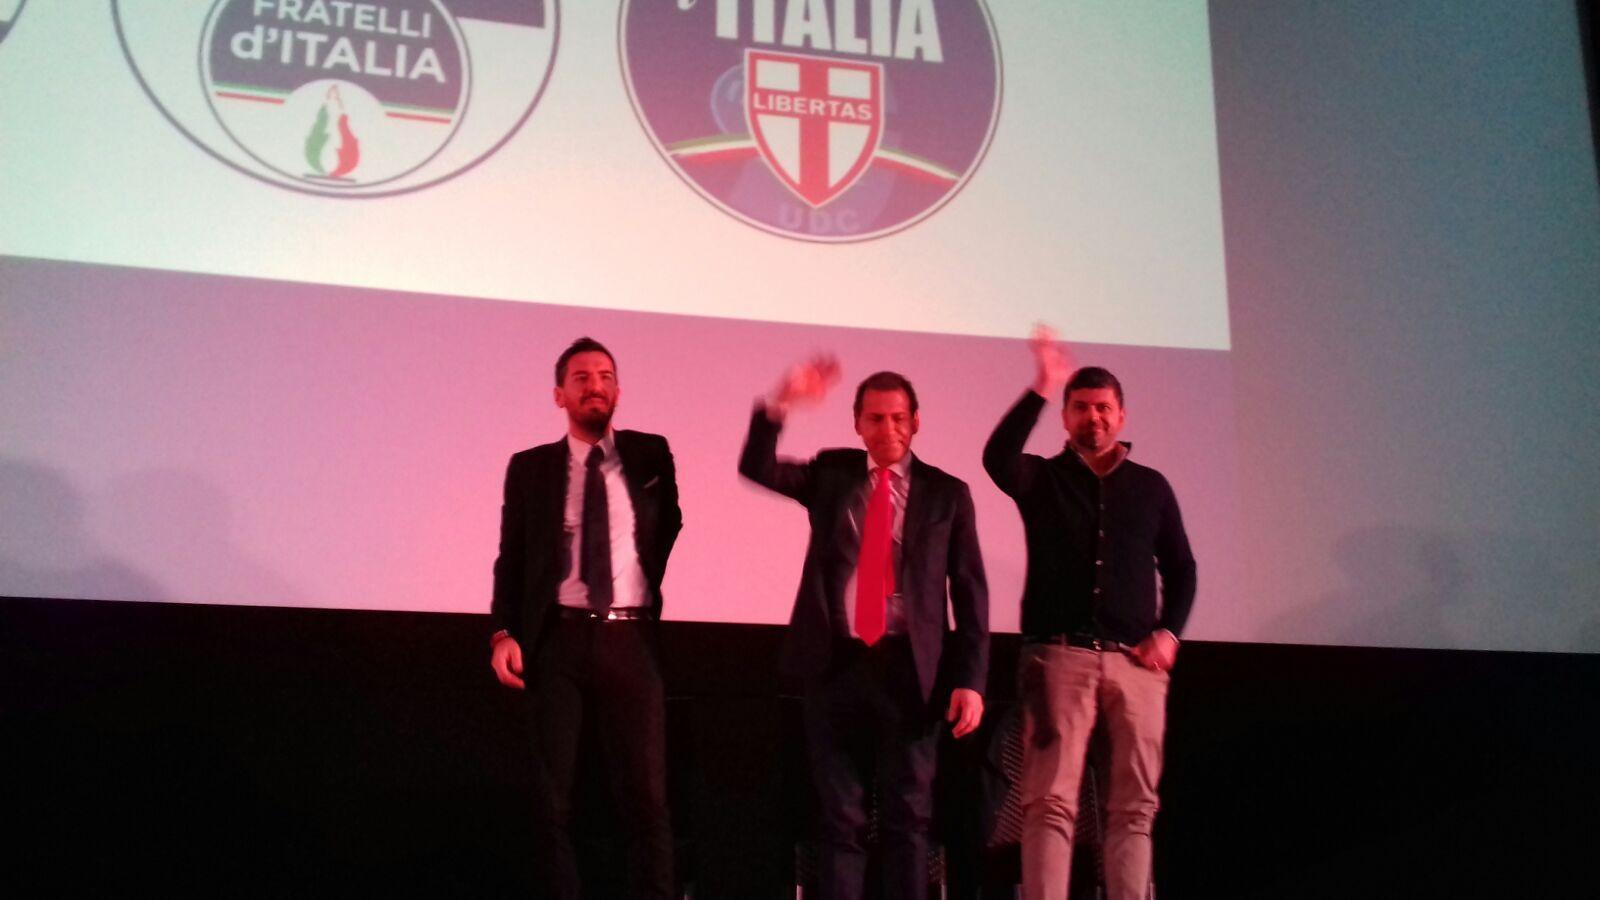 Giorgia Meloni a piazzale Loreto insieme a Mussolini e Petacci: è polemica